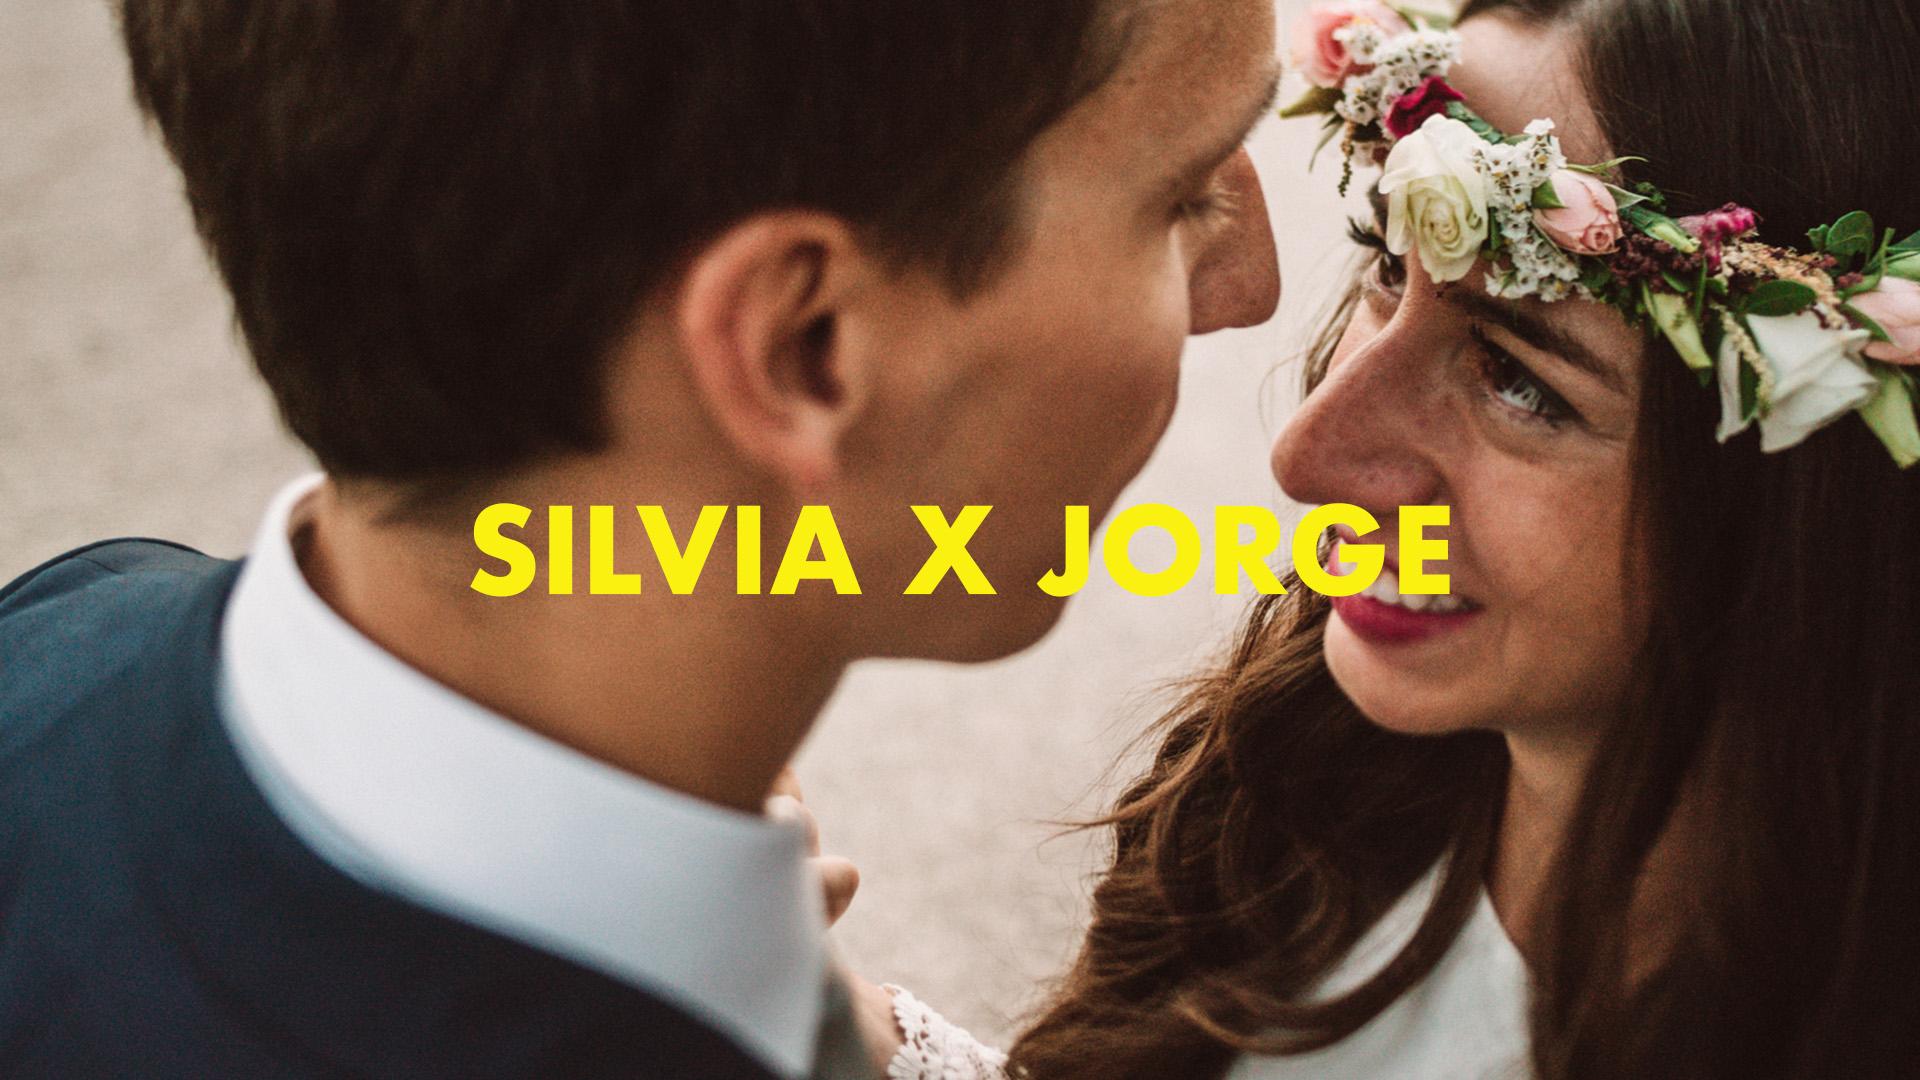 Silvia x Jorge. Vídeo de boda en Zaragoza.